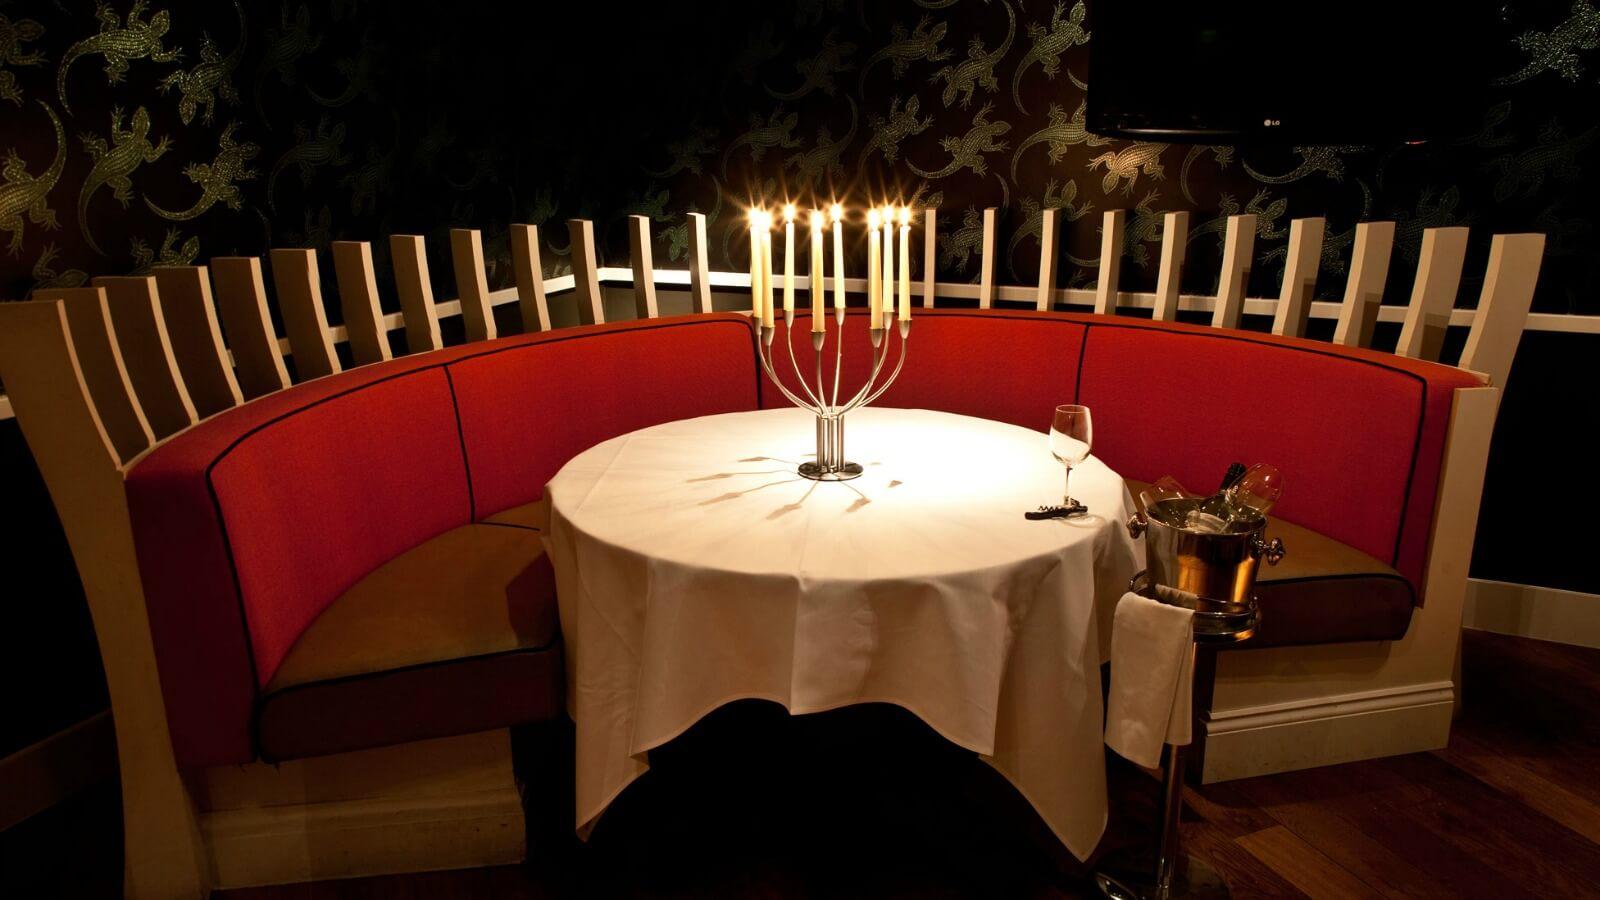 The Chameleon Bar And Restaurant